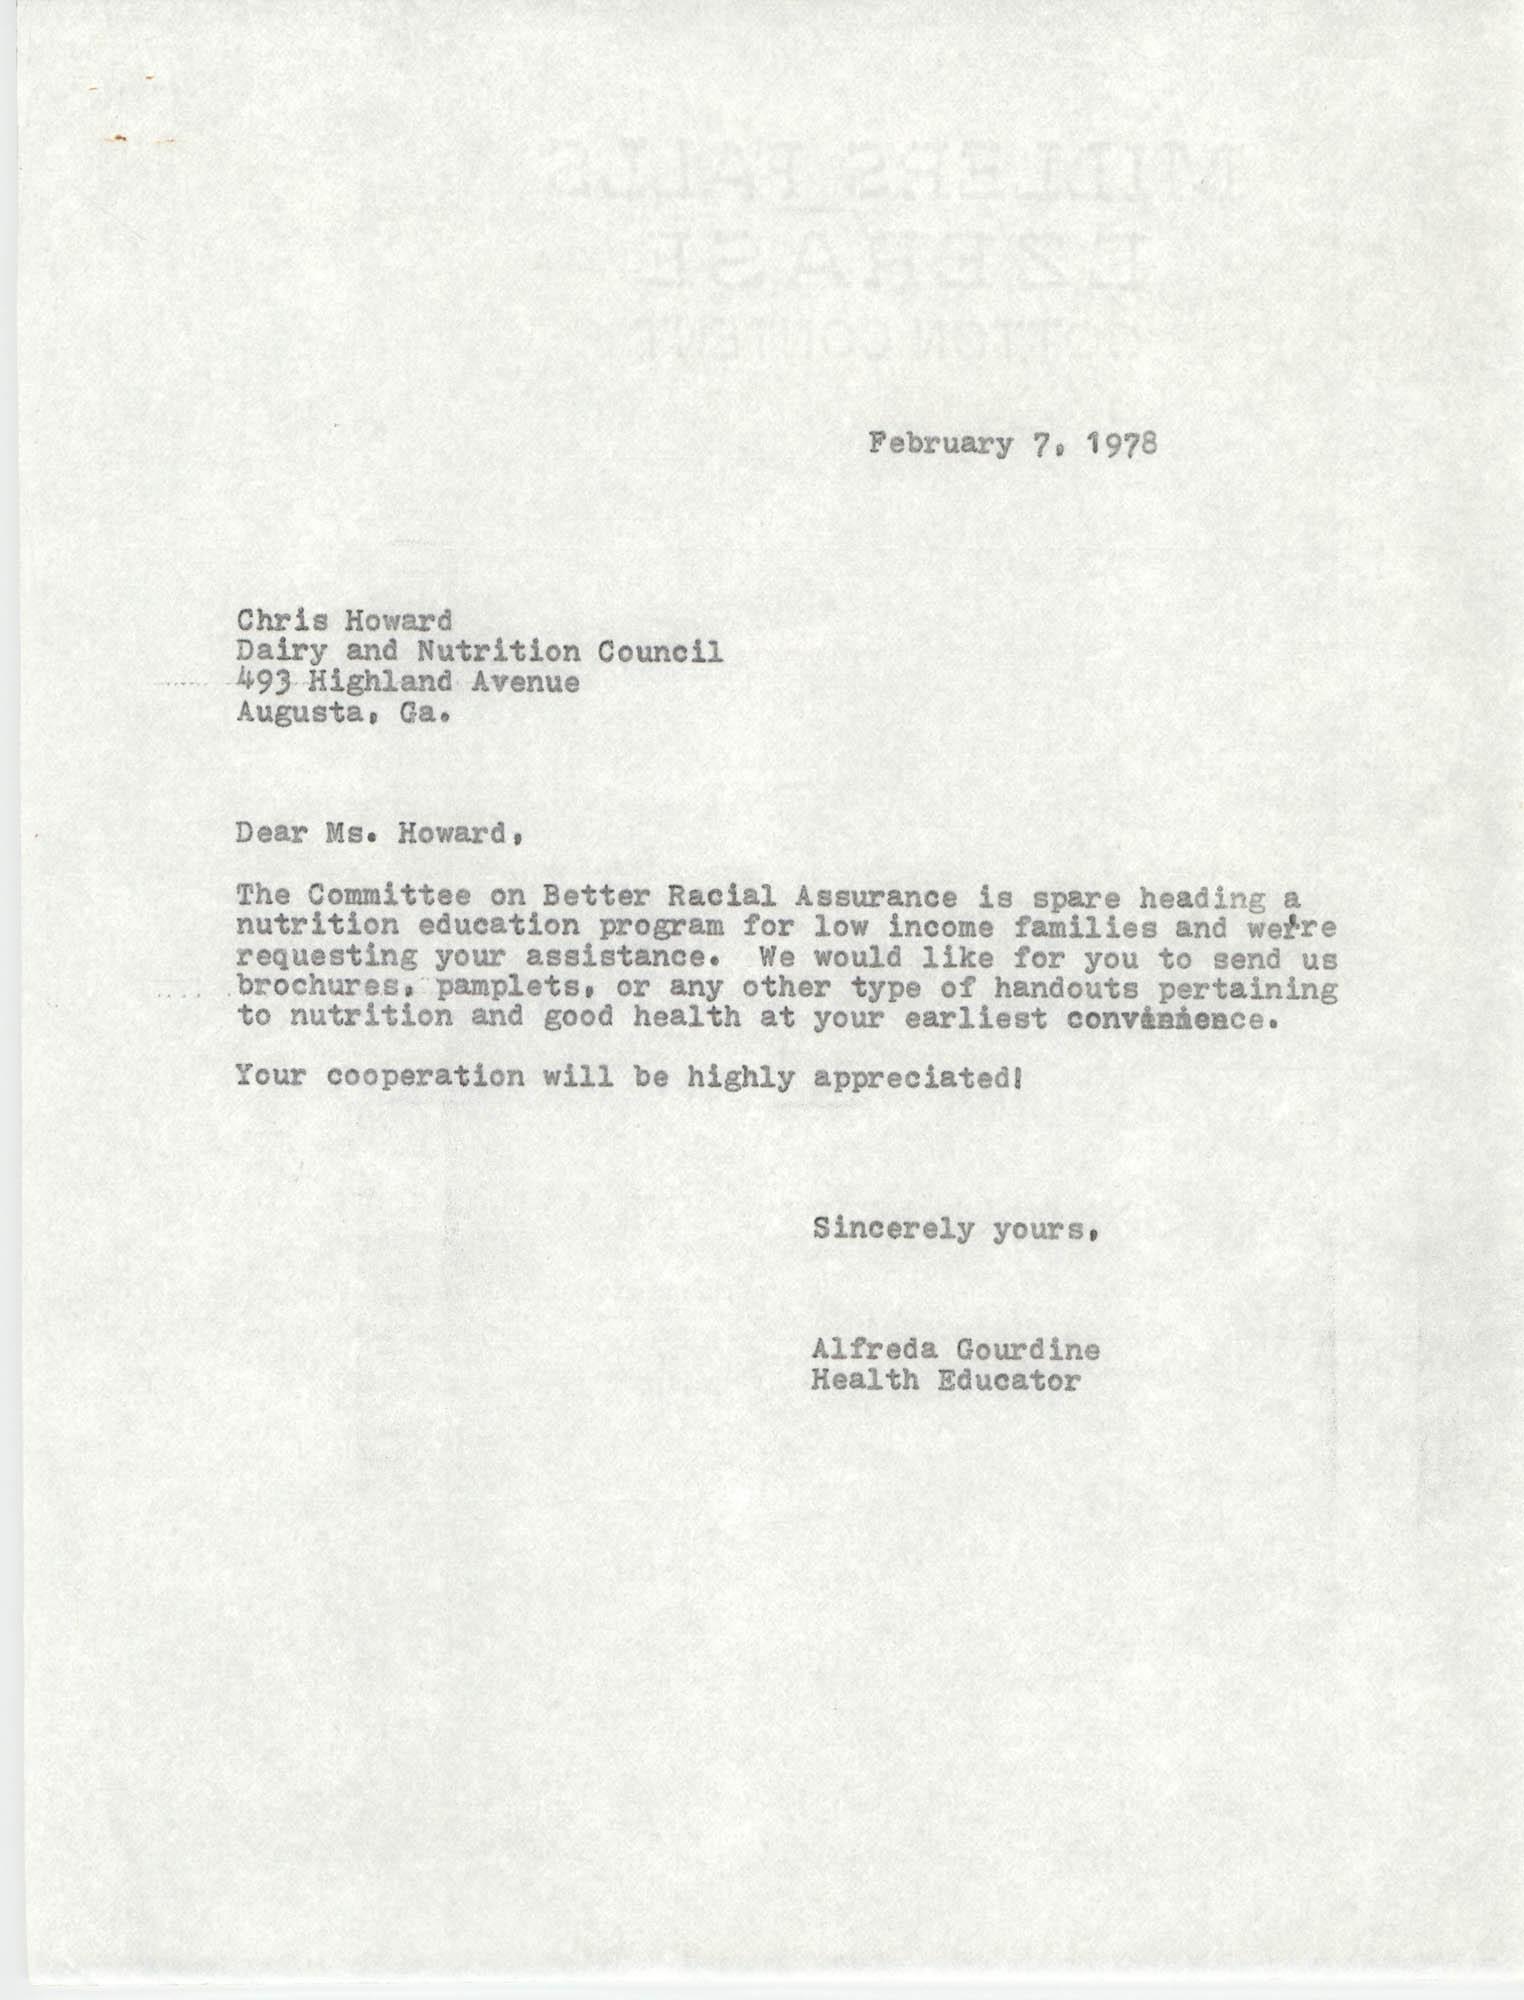 Letter from Alfreda Gourdine to Chris Howard, February 7, 1978